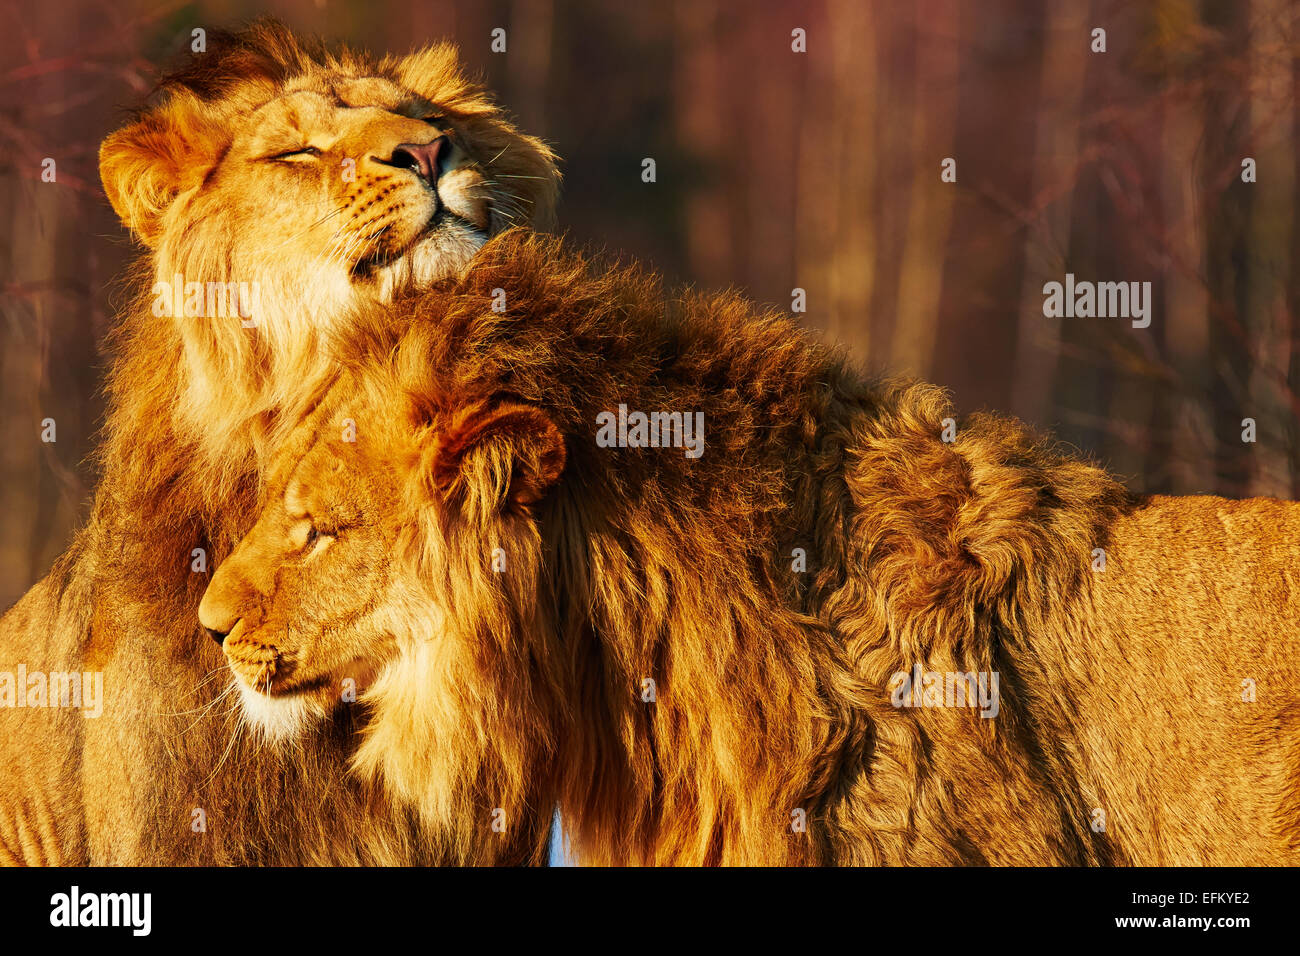 Zwei Löwen-Brüder nahe beieinander in einem Wald Stockbild